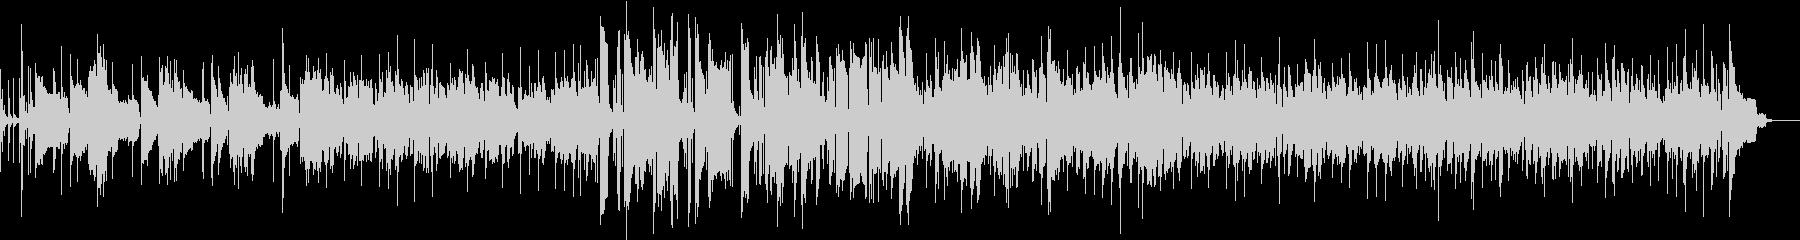 Saxソロの曲の未再生の波形